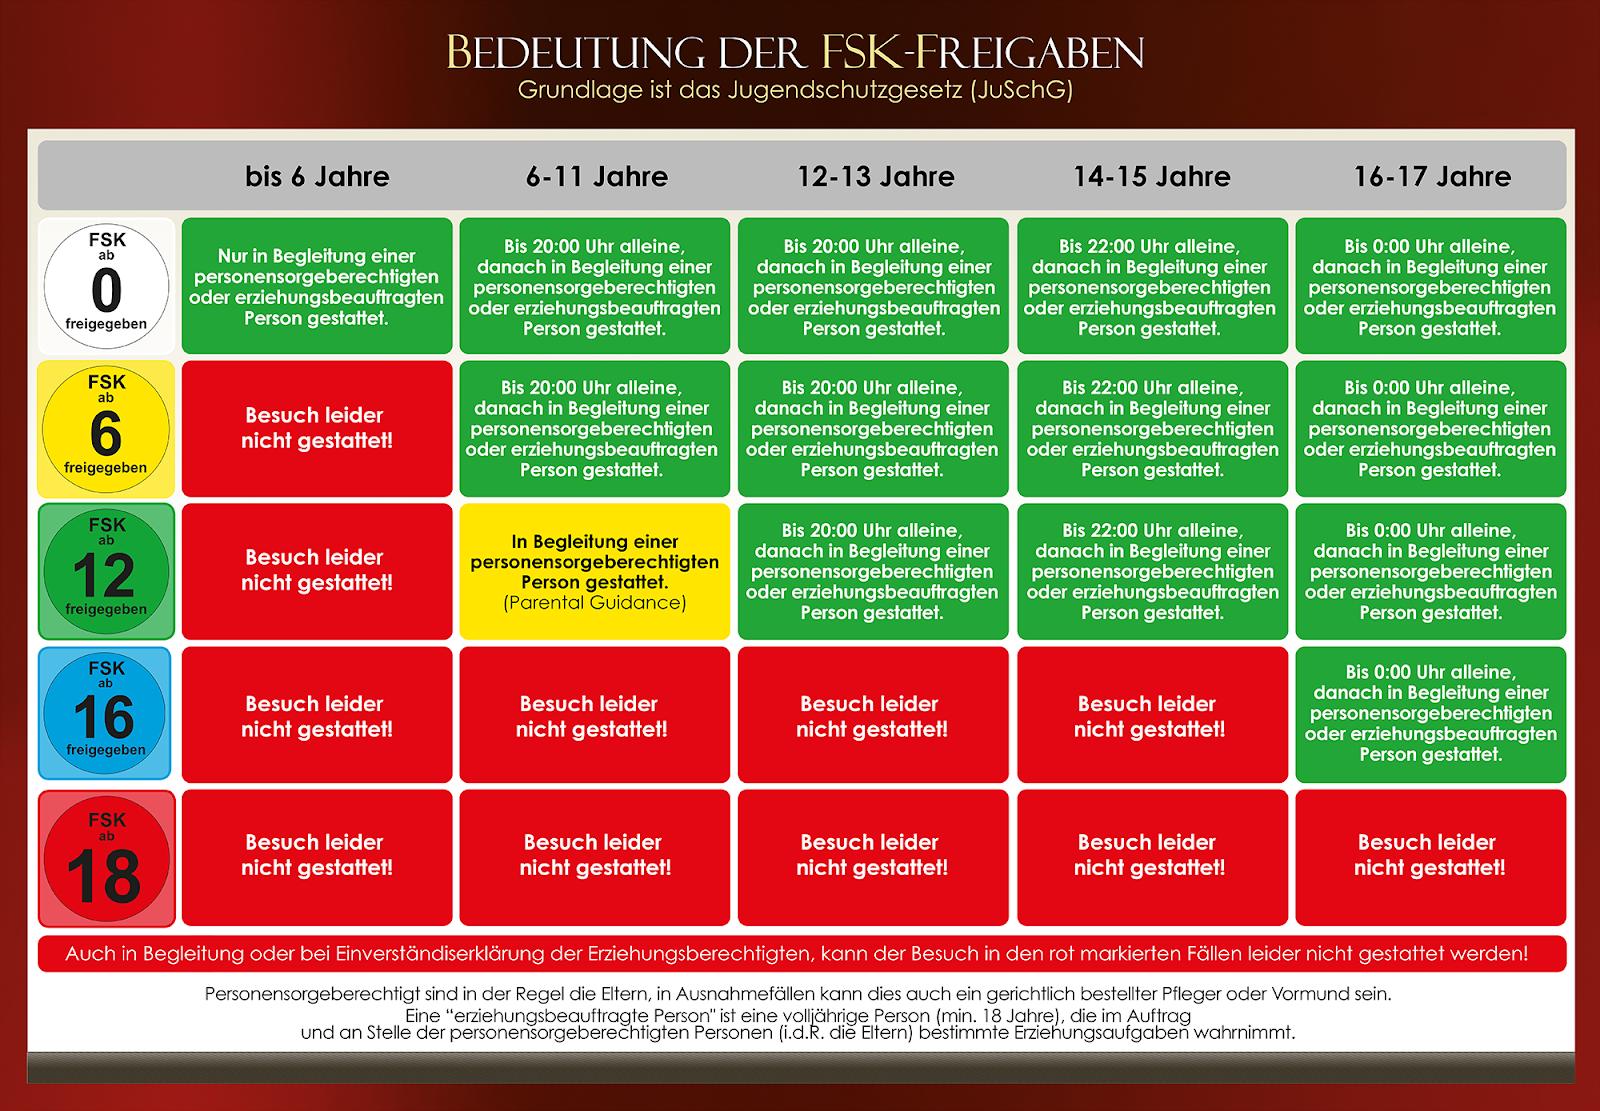 FSK-Tabelle